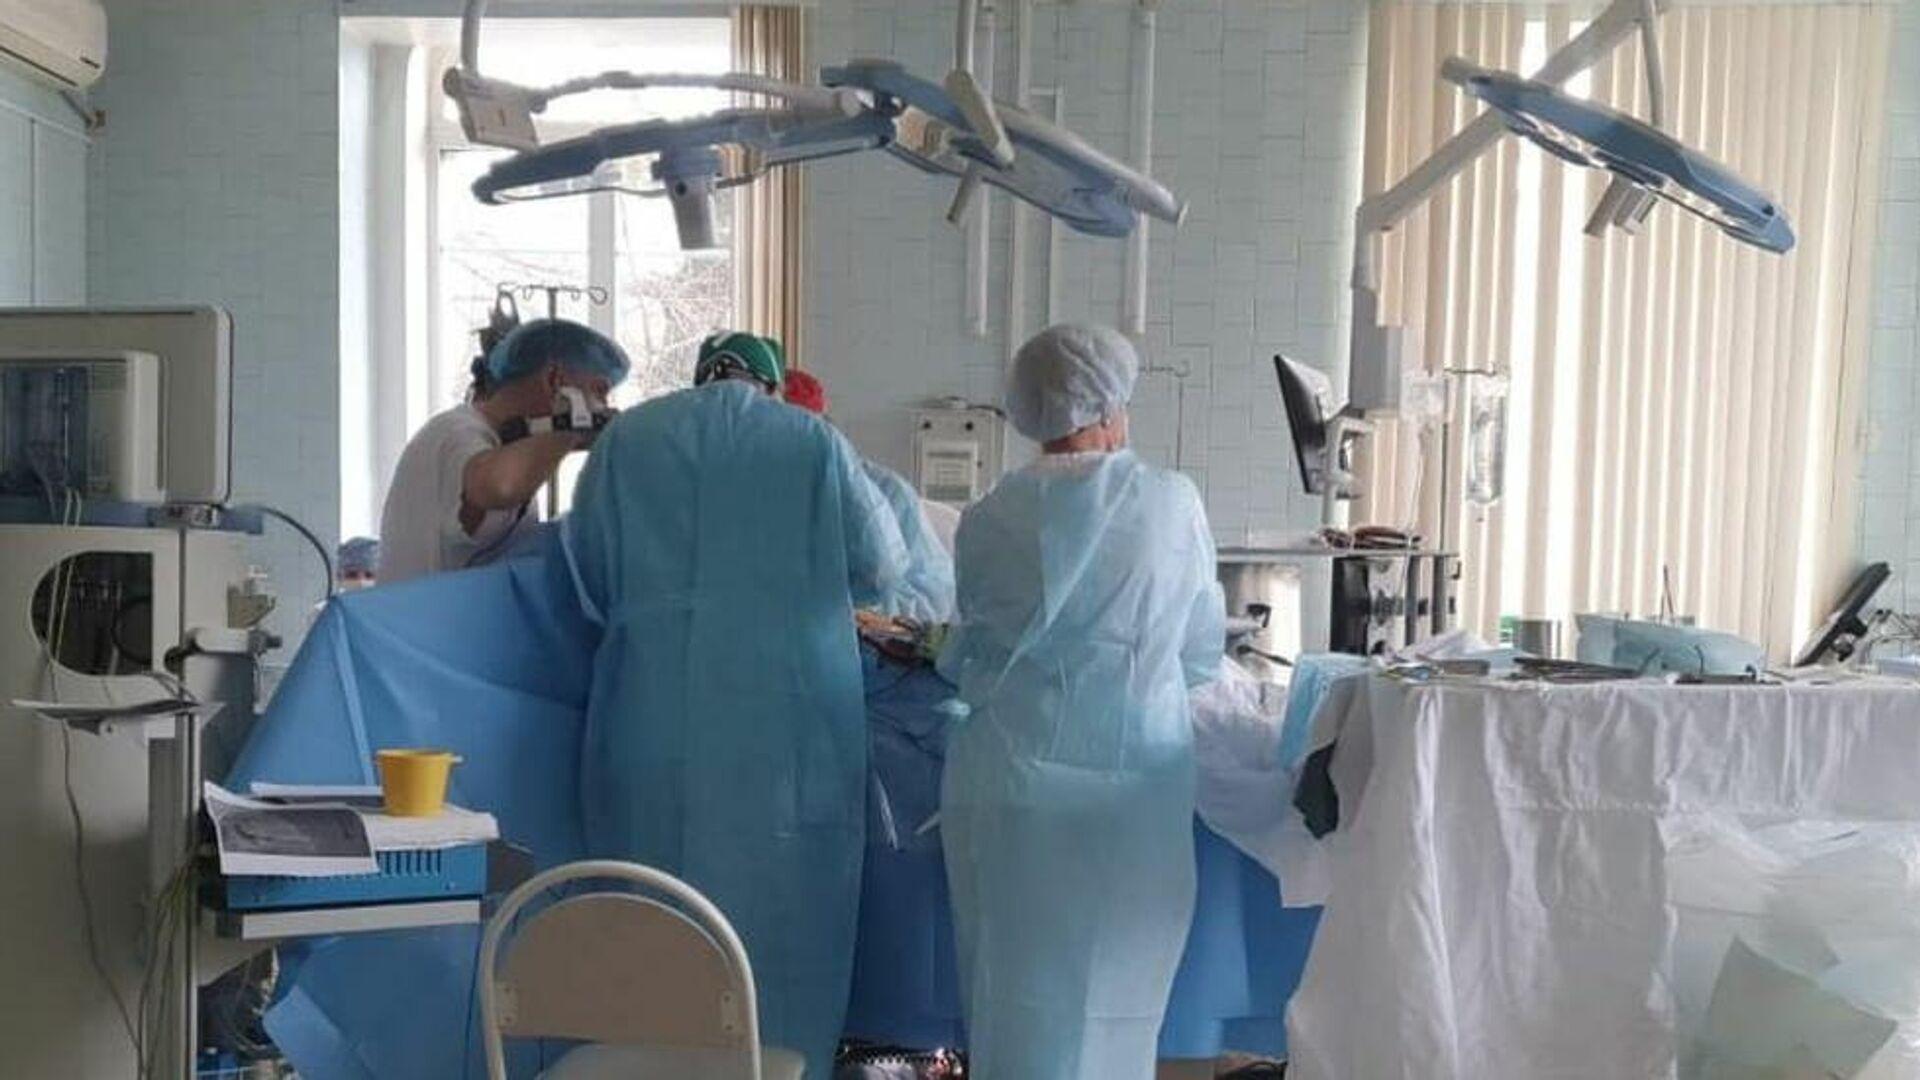 Иностранцев впечатлили российские врачи, проводившие операцию при пожаре